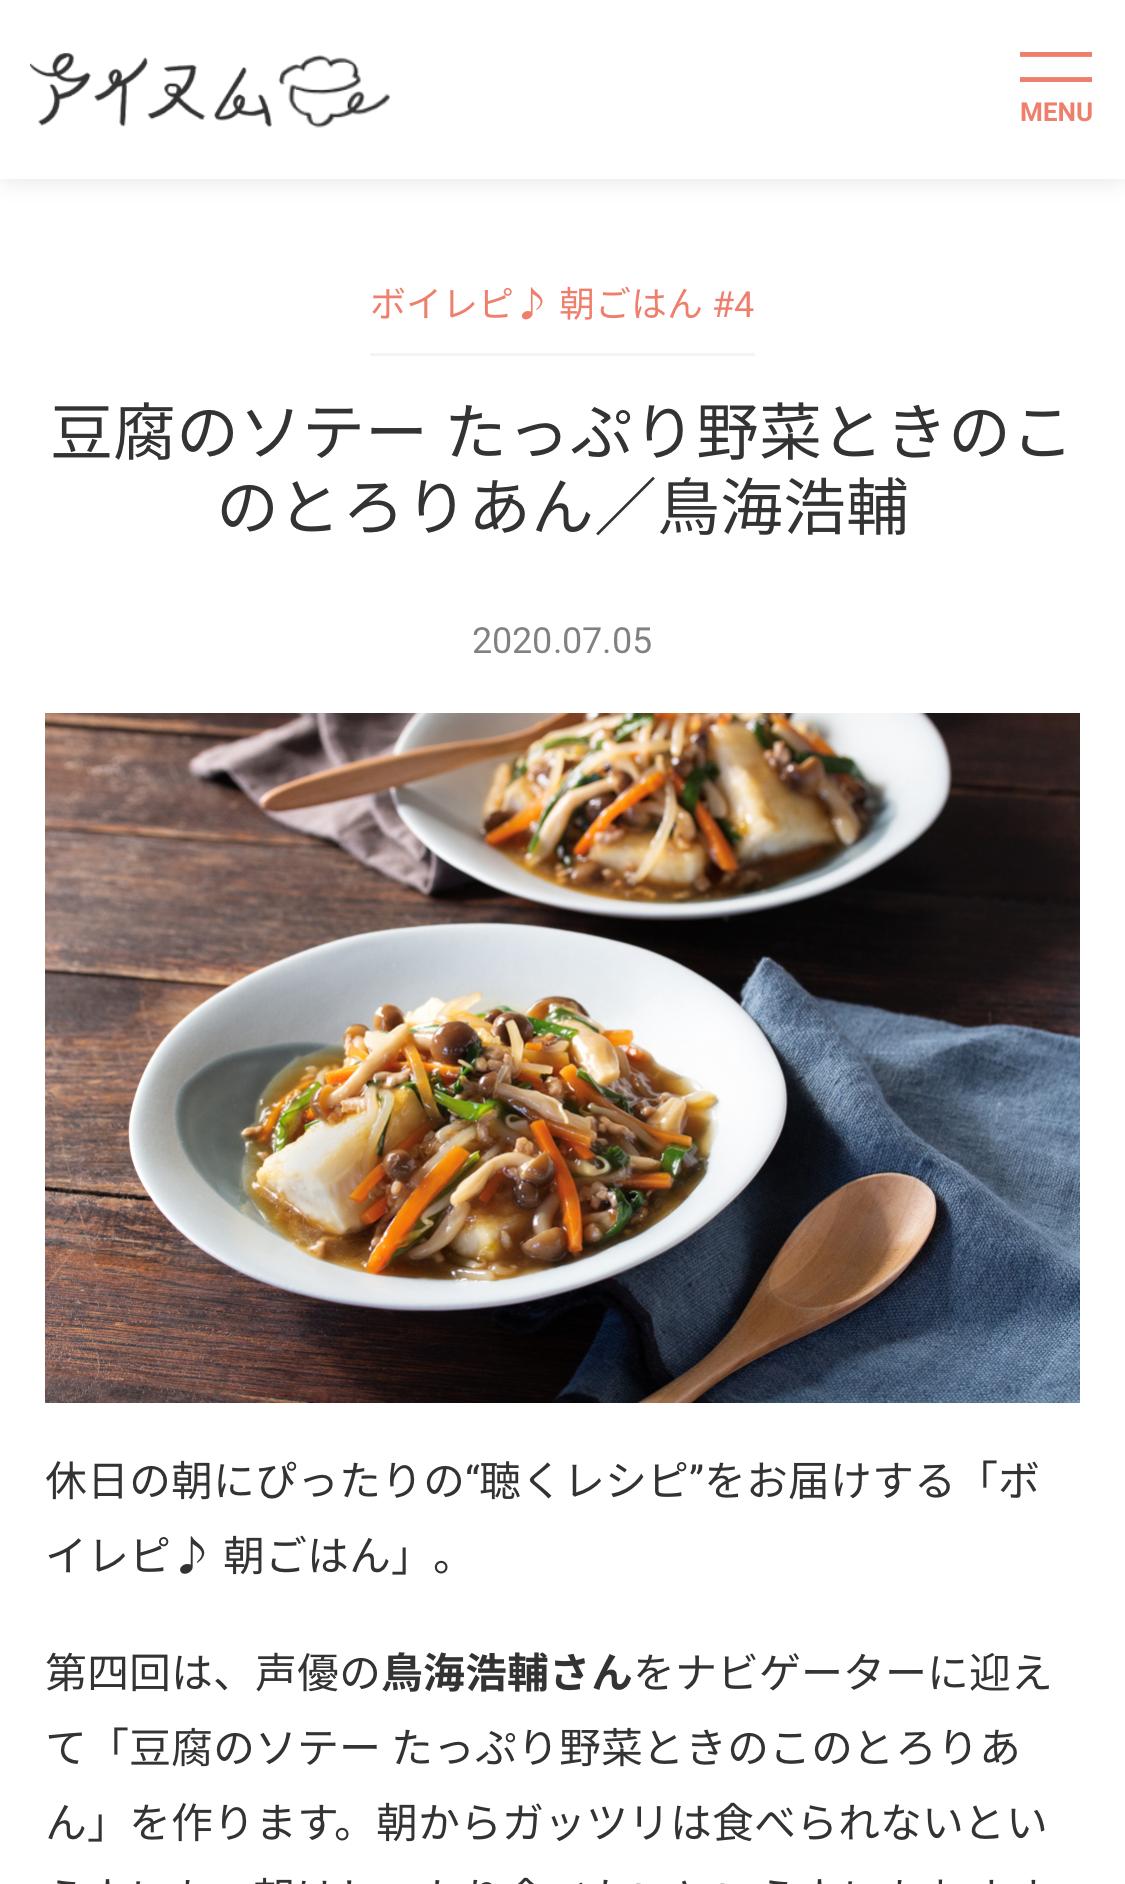 【料理監修】アイスムボイレピ♪朝ごはん「豆腐のソテー たっぷり野菜ときのこのとろりあん/鳥海浩輔さん」